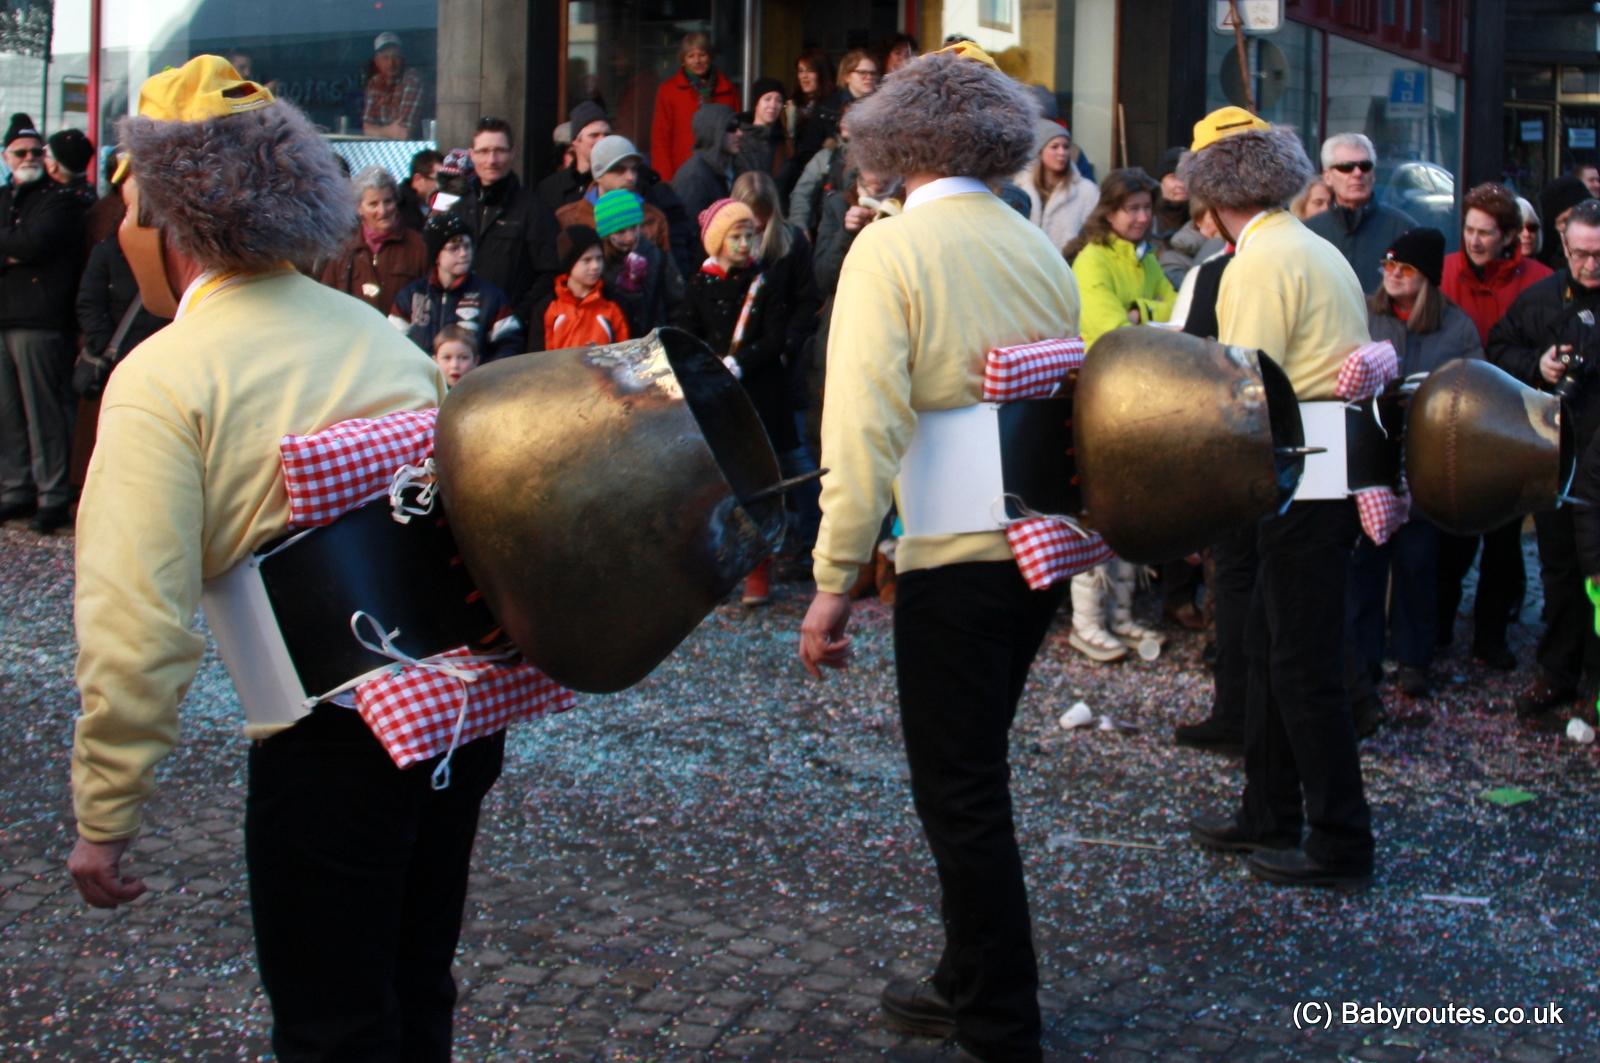 Fasnacht parade, Einsiedeln, Switzerland